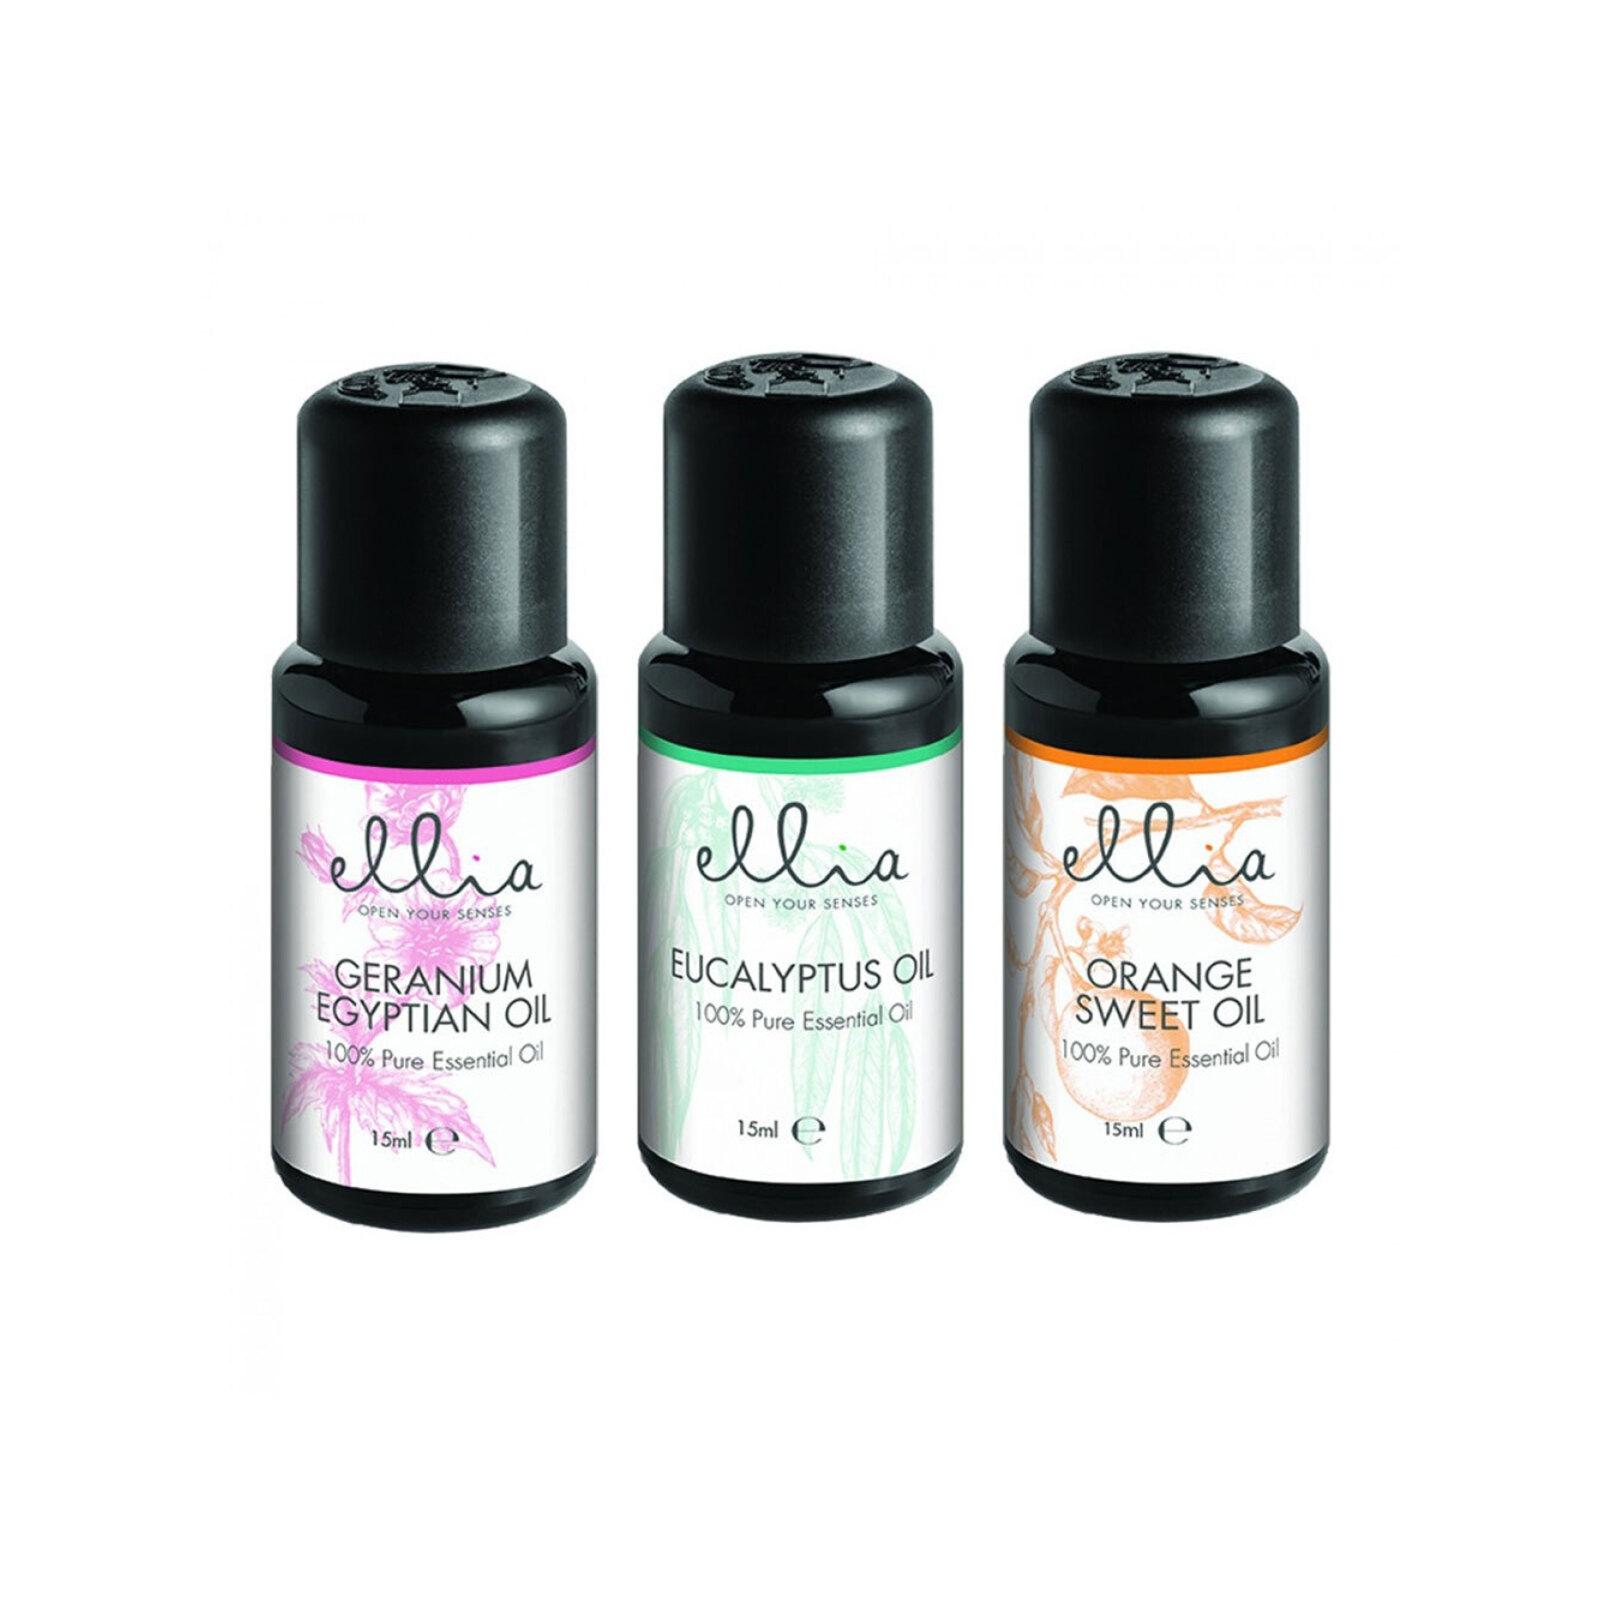 3pc Homedicsc Ellia 15ml Aroma Essential Oils/Scents Eucalyptus/Orange/Geranium